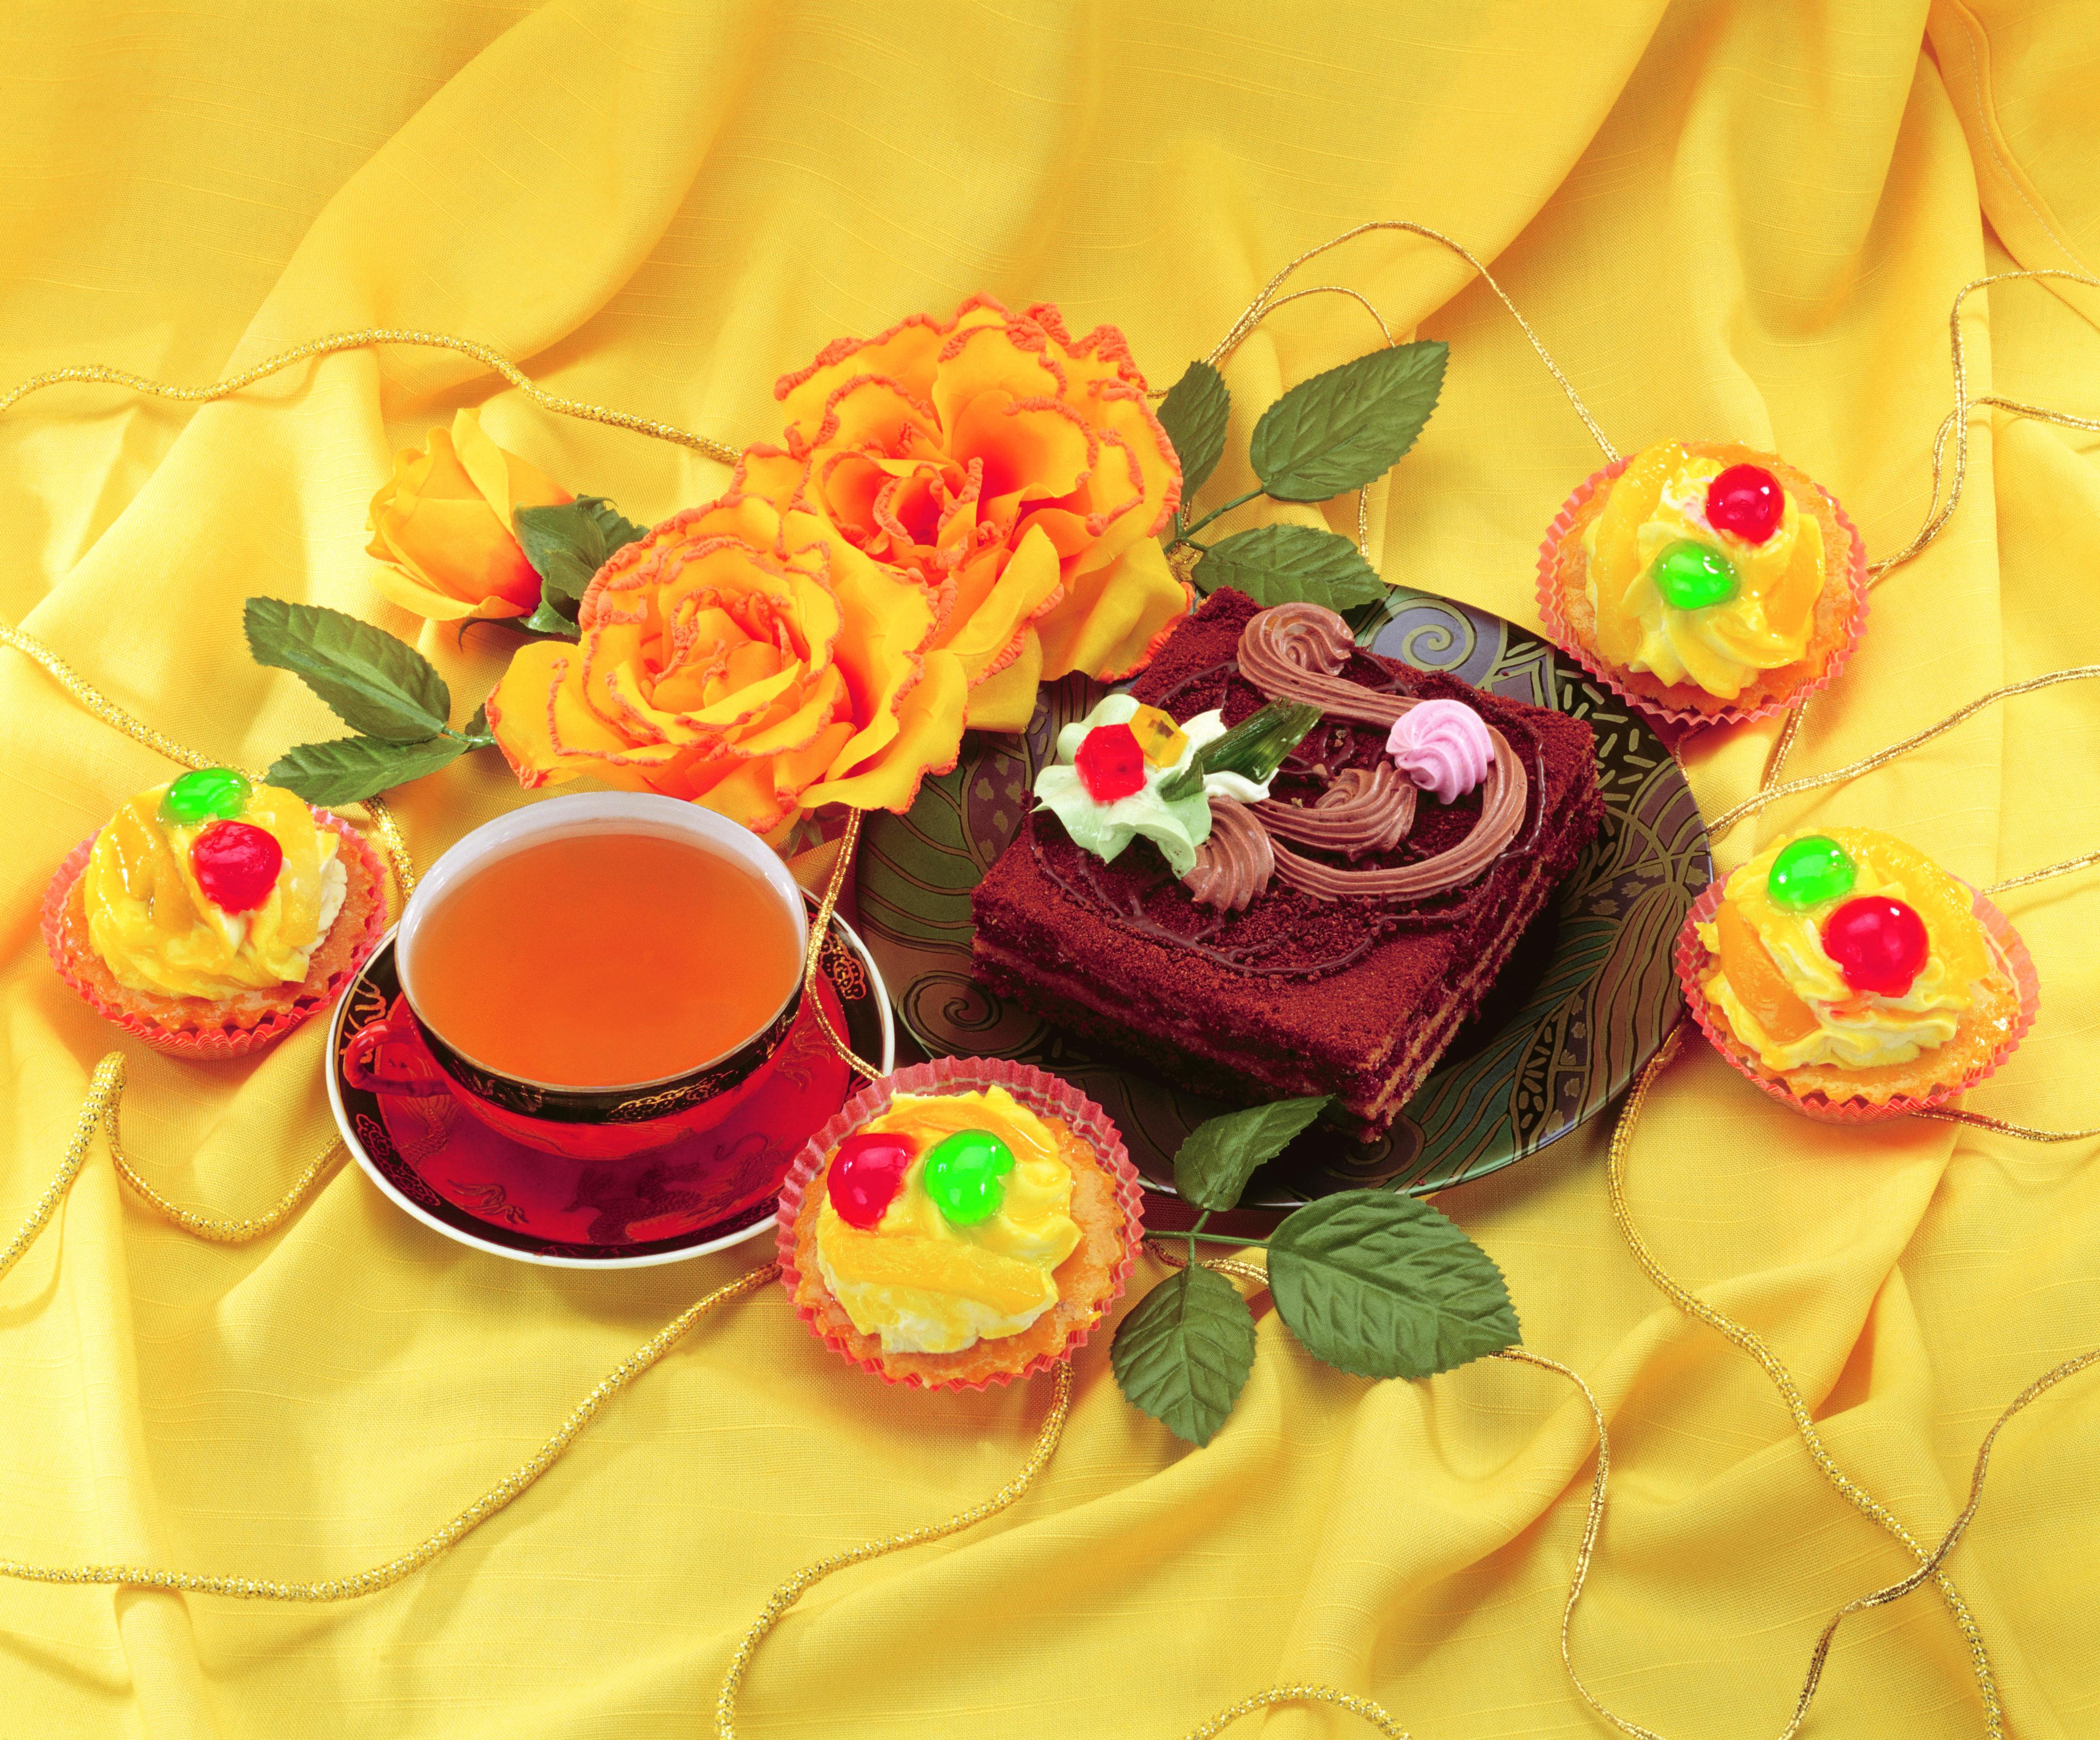 Фотографии Чай Торты Пирожное Еда Чашка Розы Натюрморт 4209x3488 Пища чашке Продукты питания роза